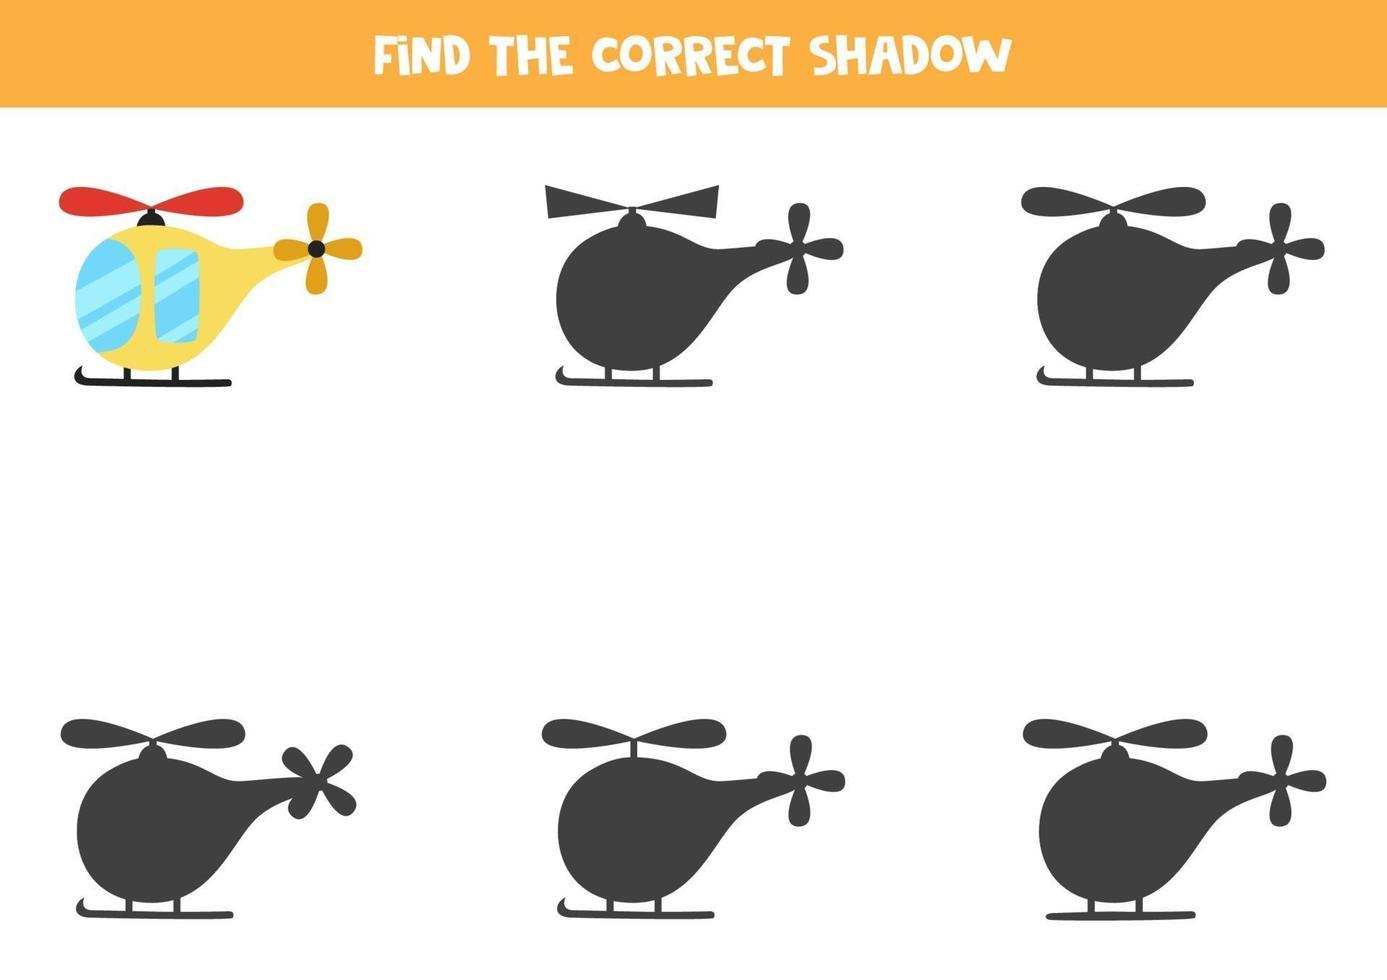 hitta rätt skugga av helikopter. logiskt pussel för barn. vektor